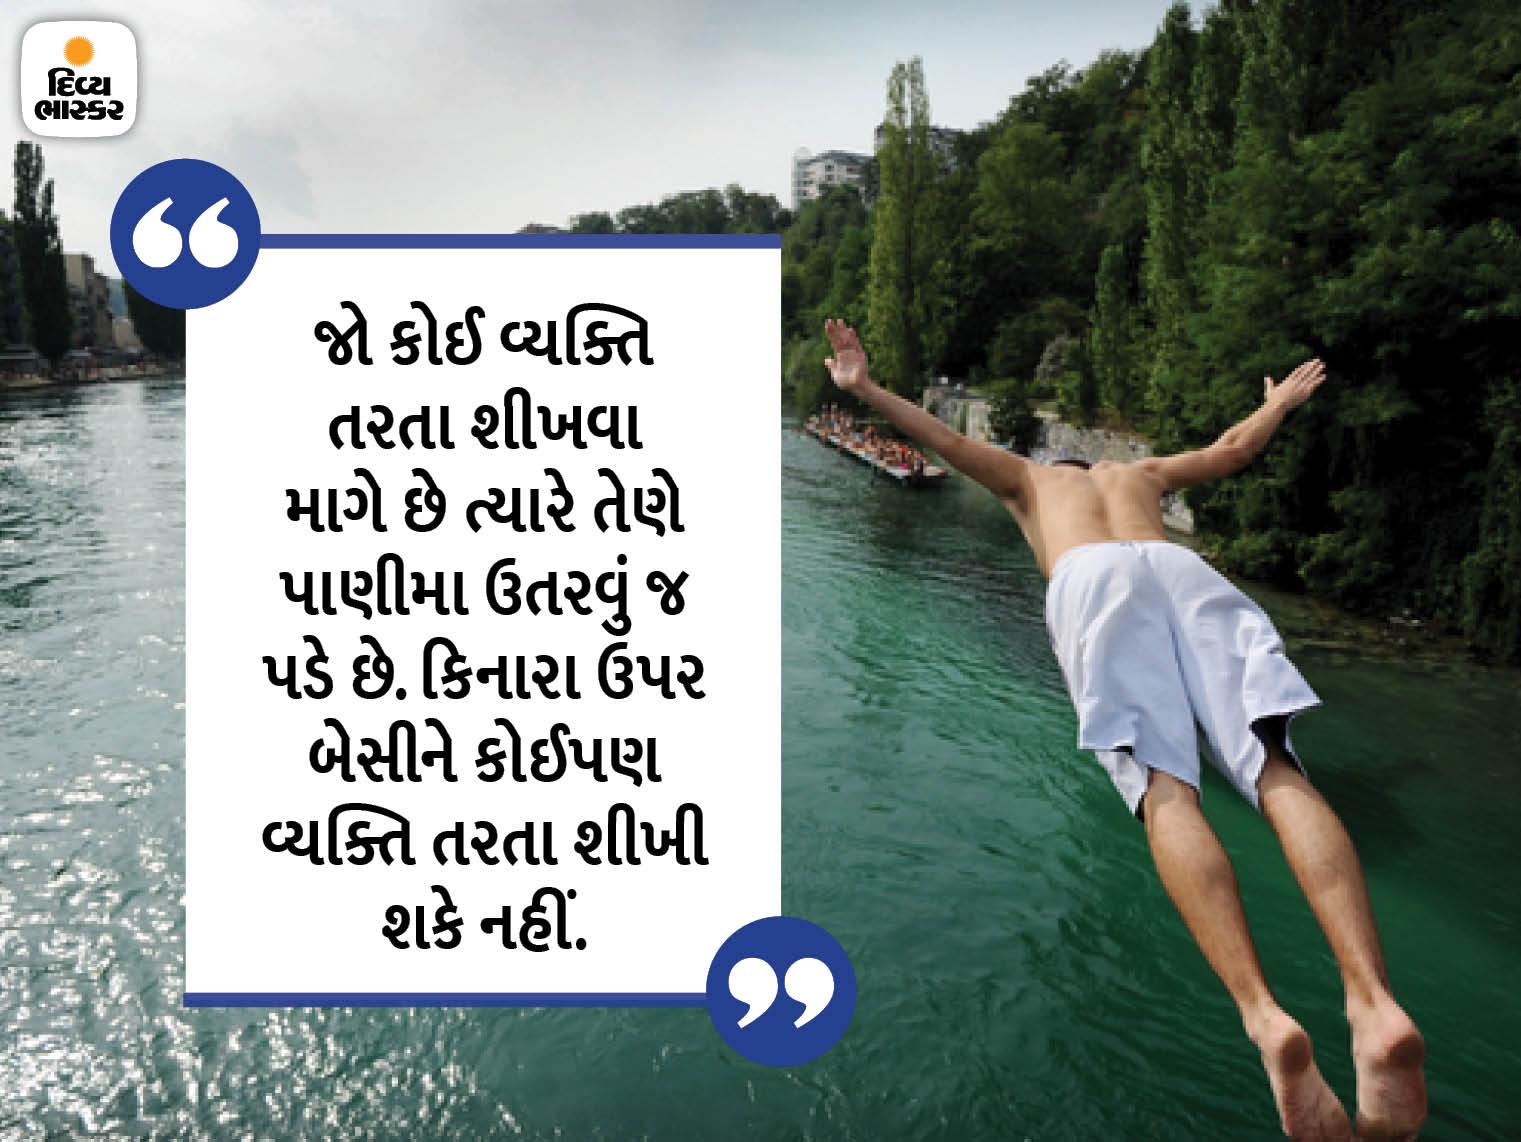 યોગ્ય સમય, યોગ્ય વિચાર અને યોગ્ય રીત આ ત્રણેયની મદદથી કોઈપણ વ્યક્તિ સફળ થઈ શકે છે|ધર્મ,Dharm - Divya Bhaskar